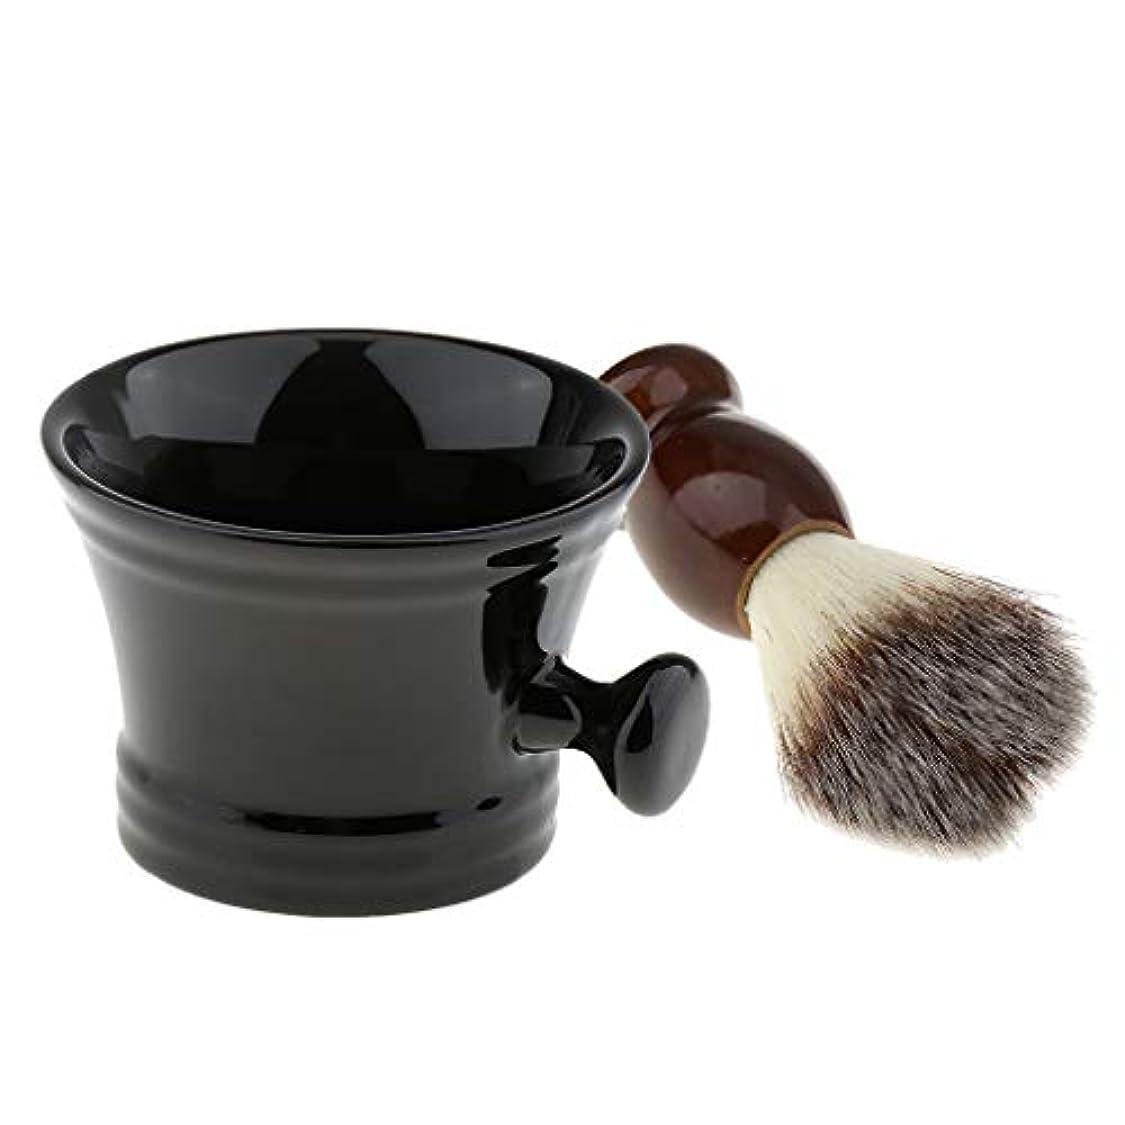 ラインファウル支援するdailymall プラスチックシェービングブラシ+セラミックマグカップボウルキット男性用